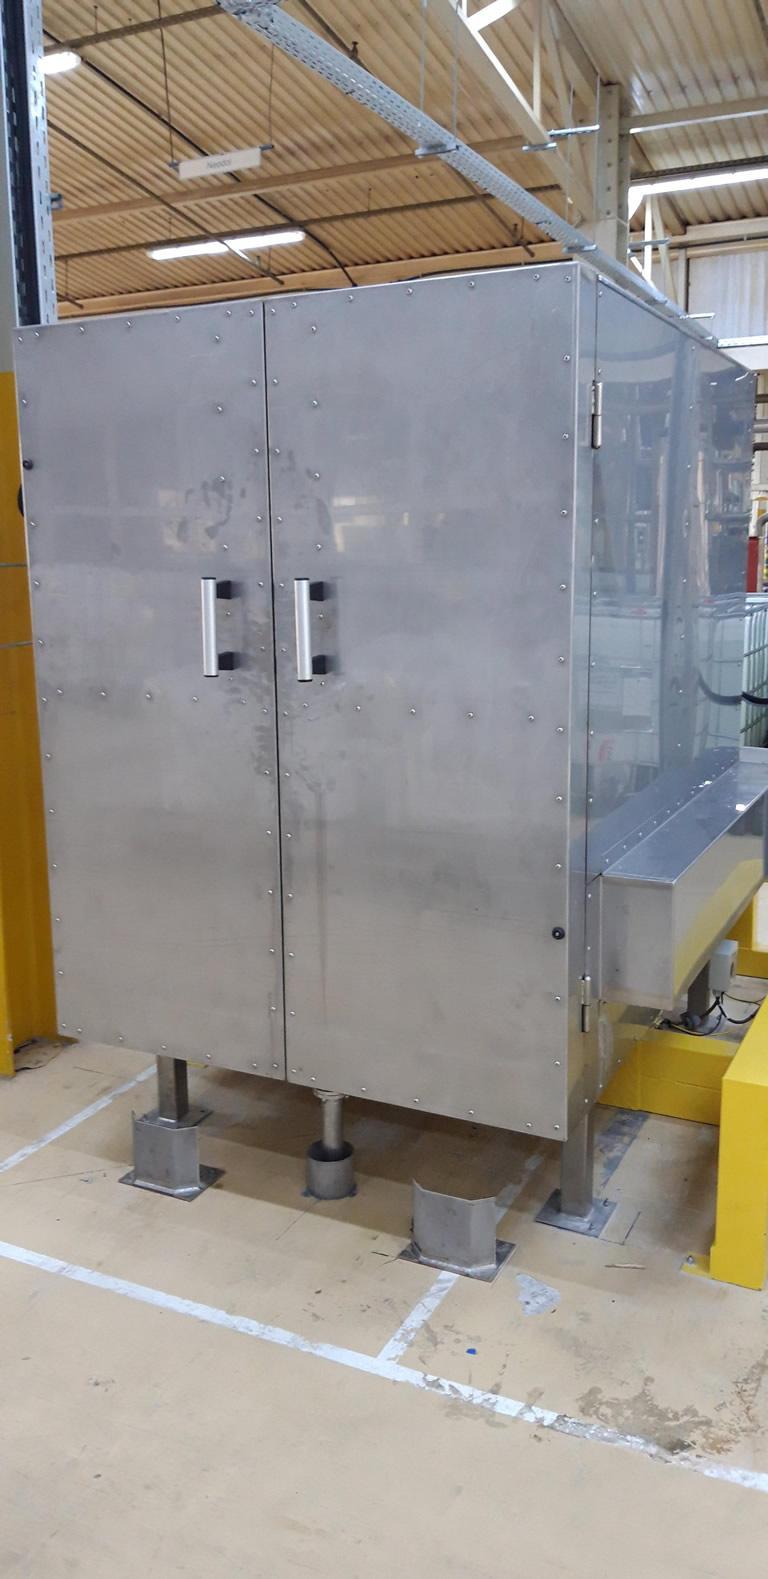 Egyedi fejlesztésű hőntartó kabin IBC konténerek temperálására